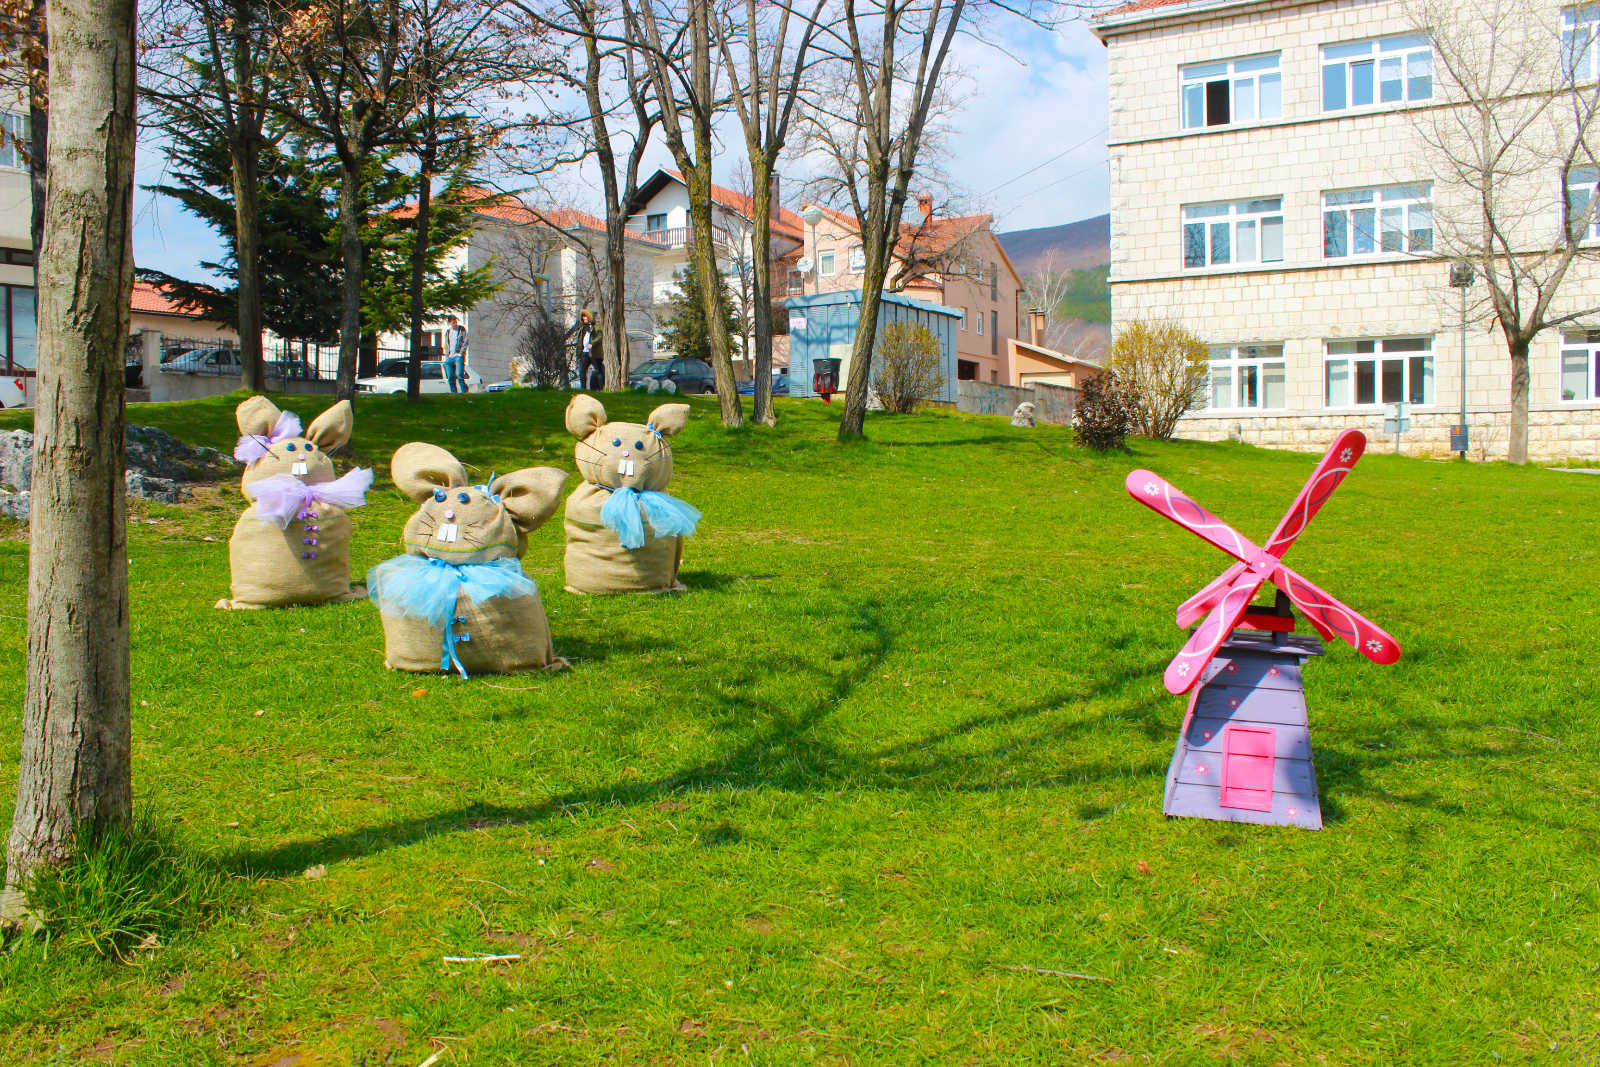 Foto: Blagdanski ugođaj u gradskom parku